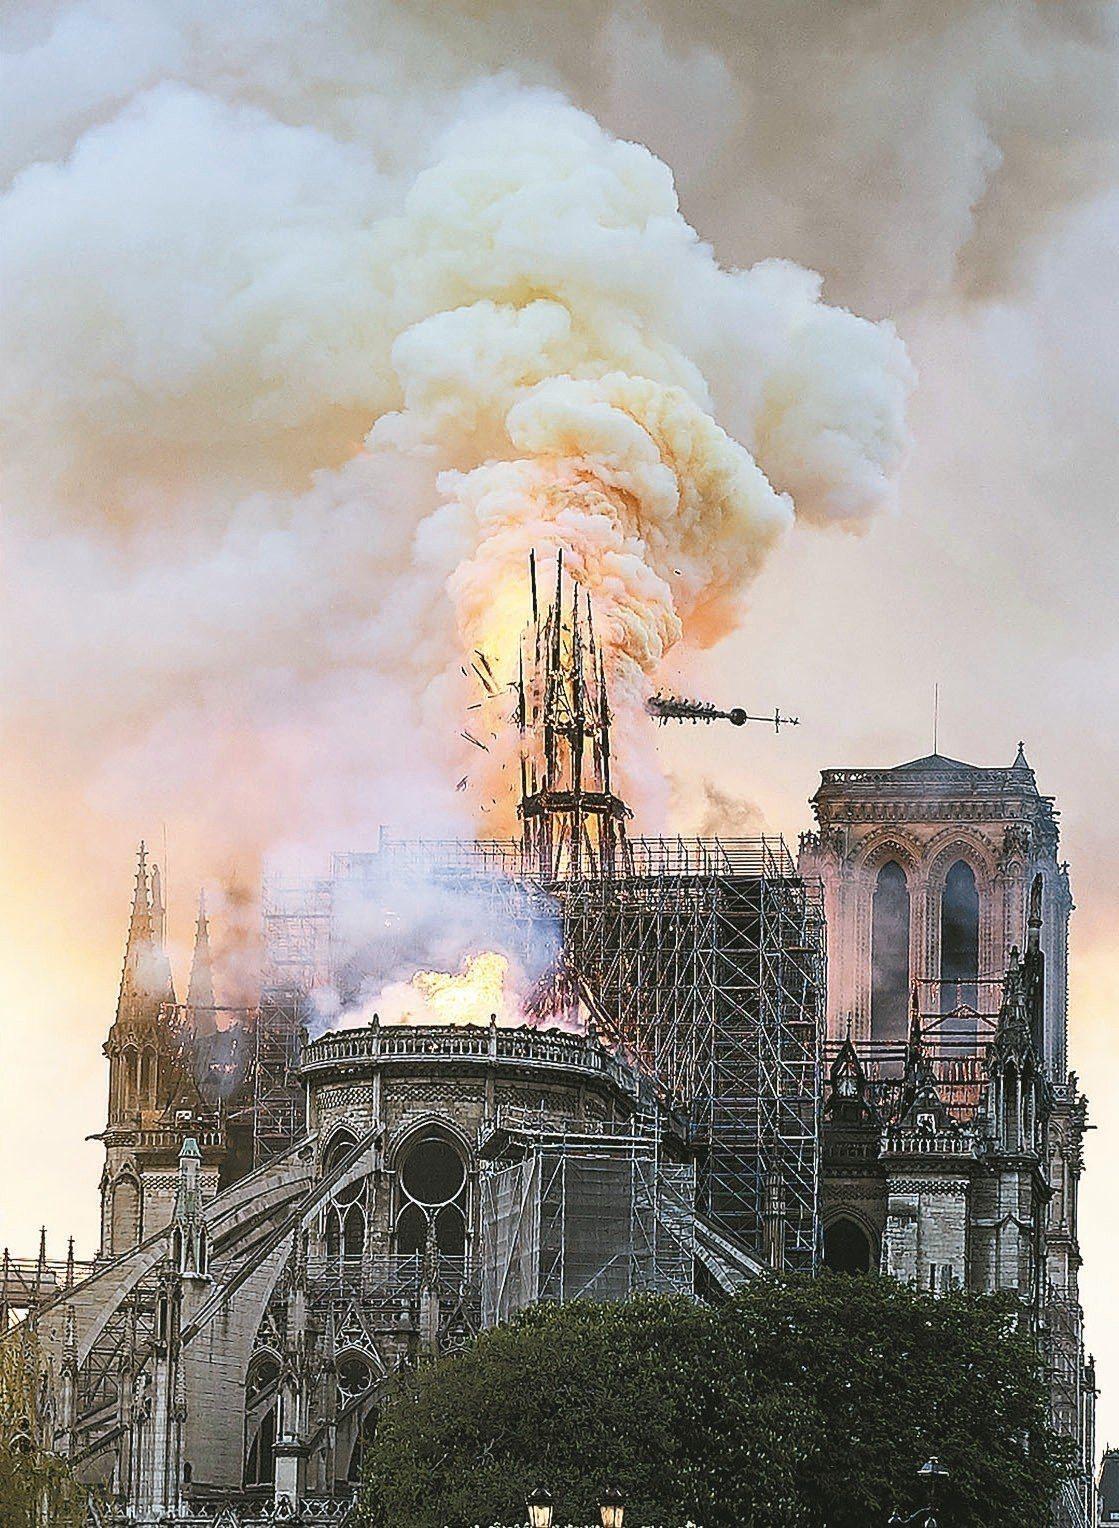 巴黎聖母院15日發生火災,教堂尖塔遭熊熊烈焰燒毀倒塌。 美聯社